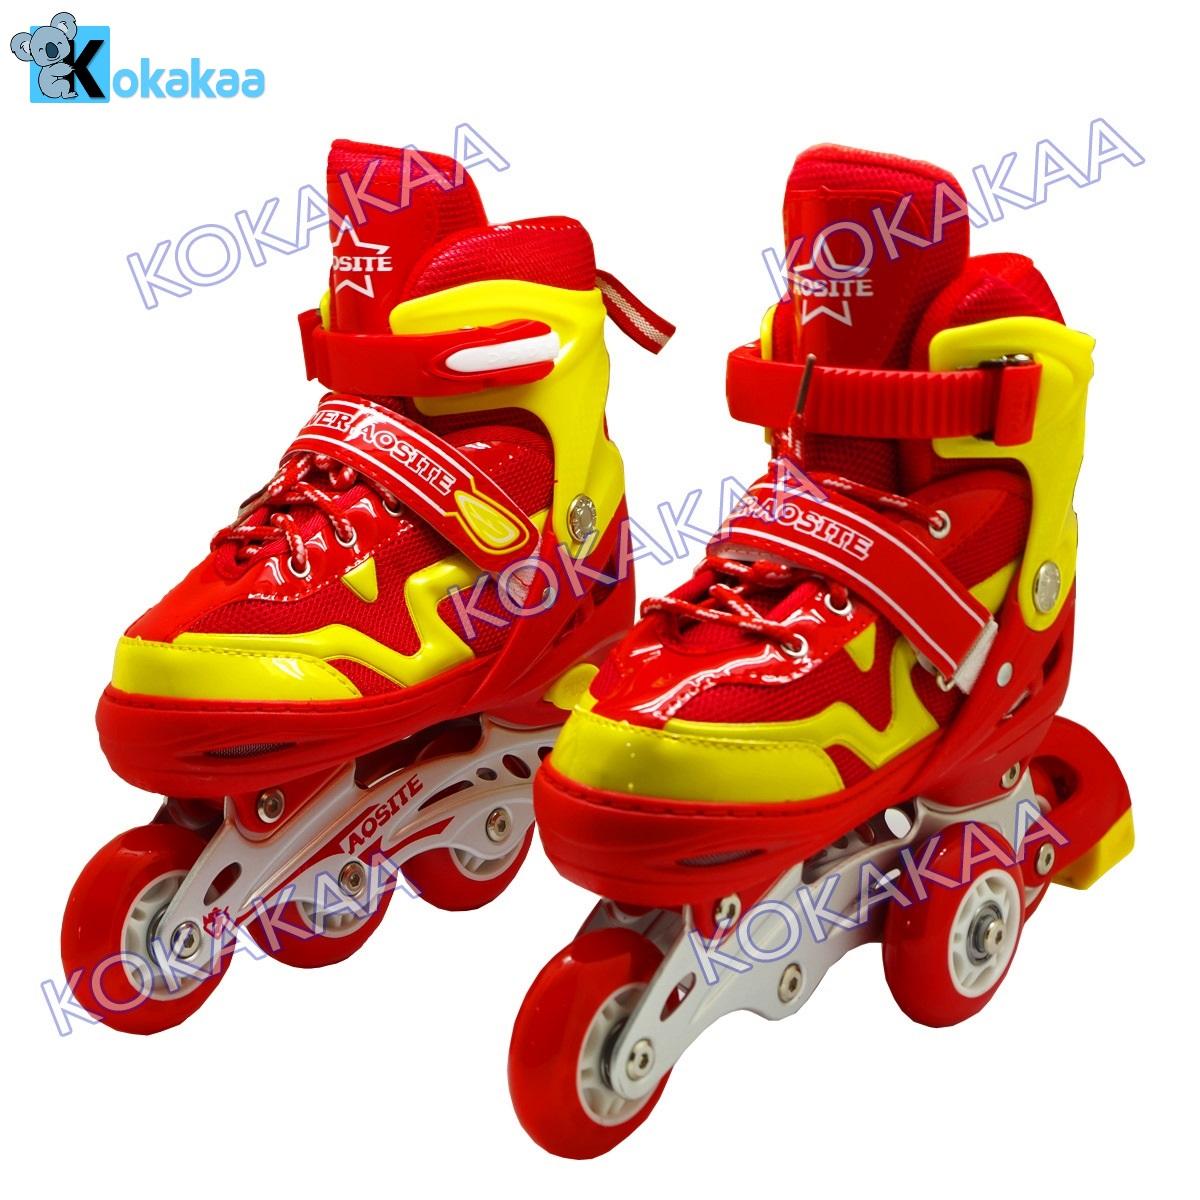 Power Sport 4000 inLine Skate Sepatu Roda 2 in 1 Adjustable Wheel - Merah d4b0ba6be0